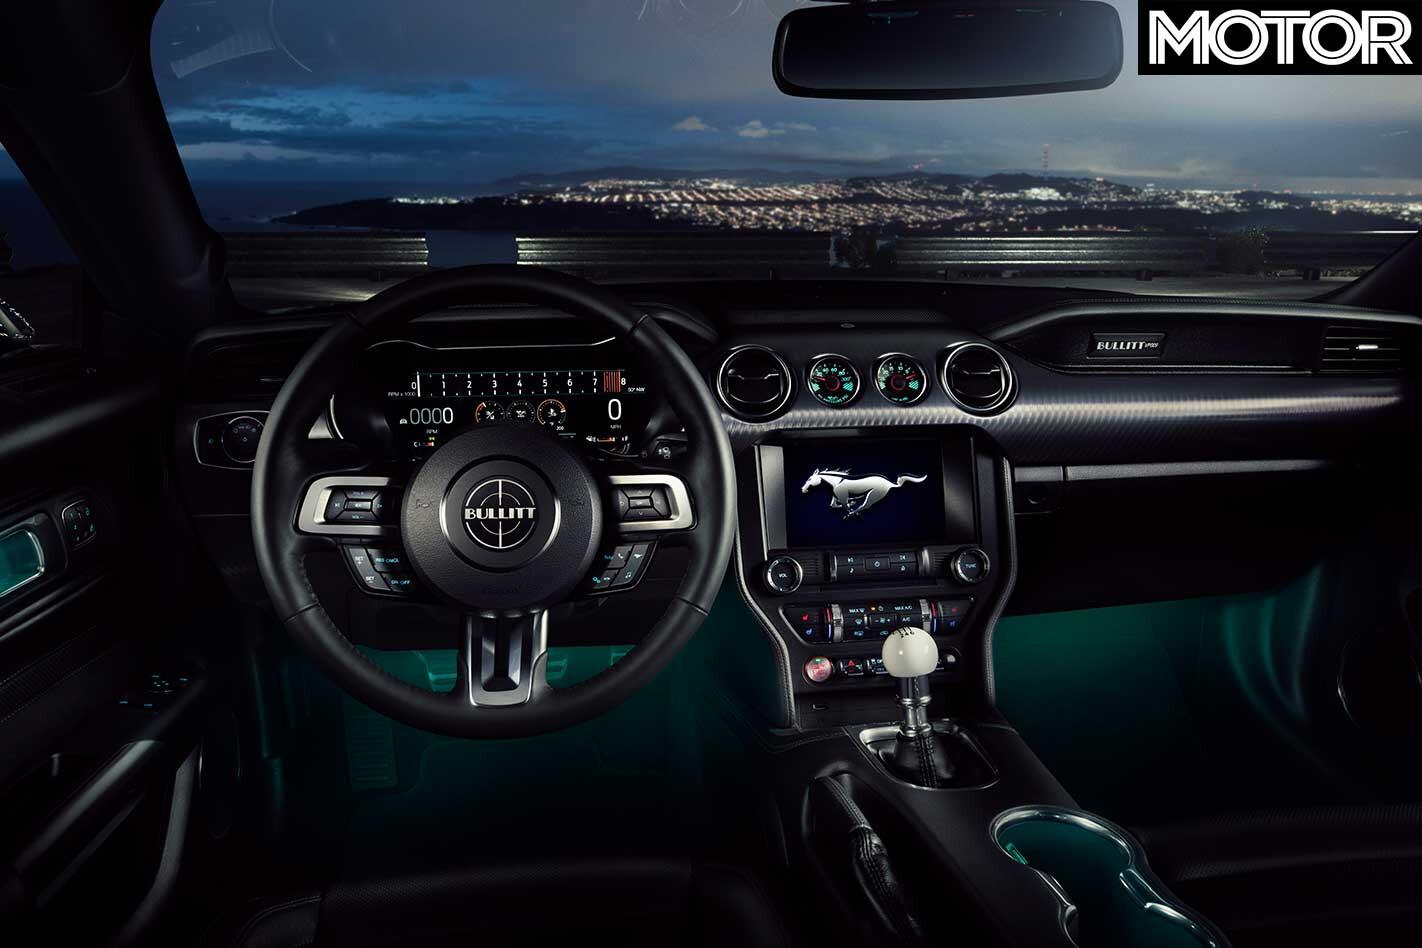 2018 Ford Mustang Bullitt Interior Jpg